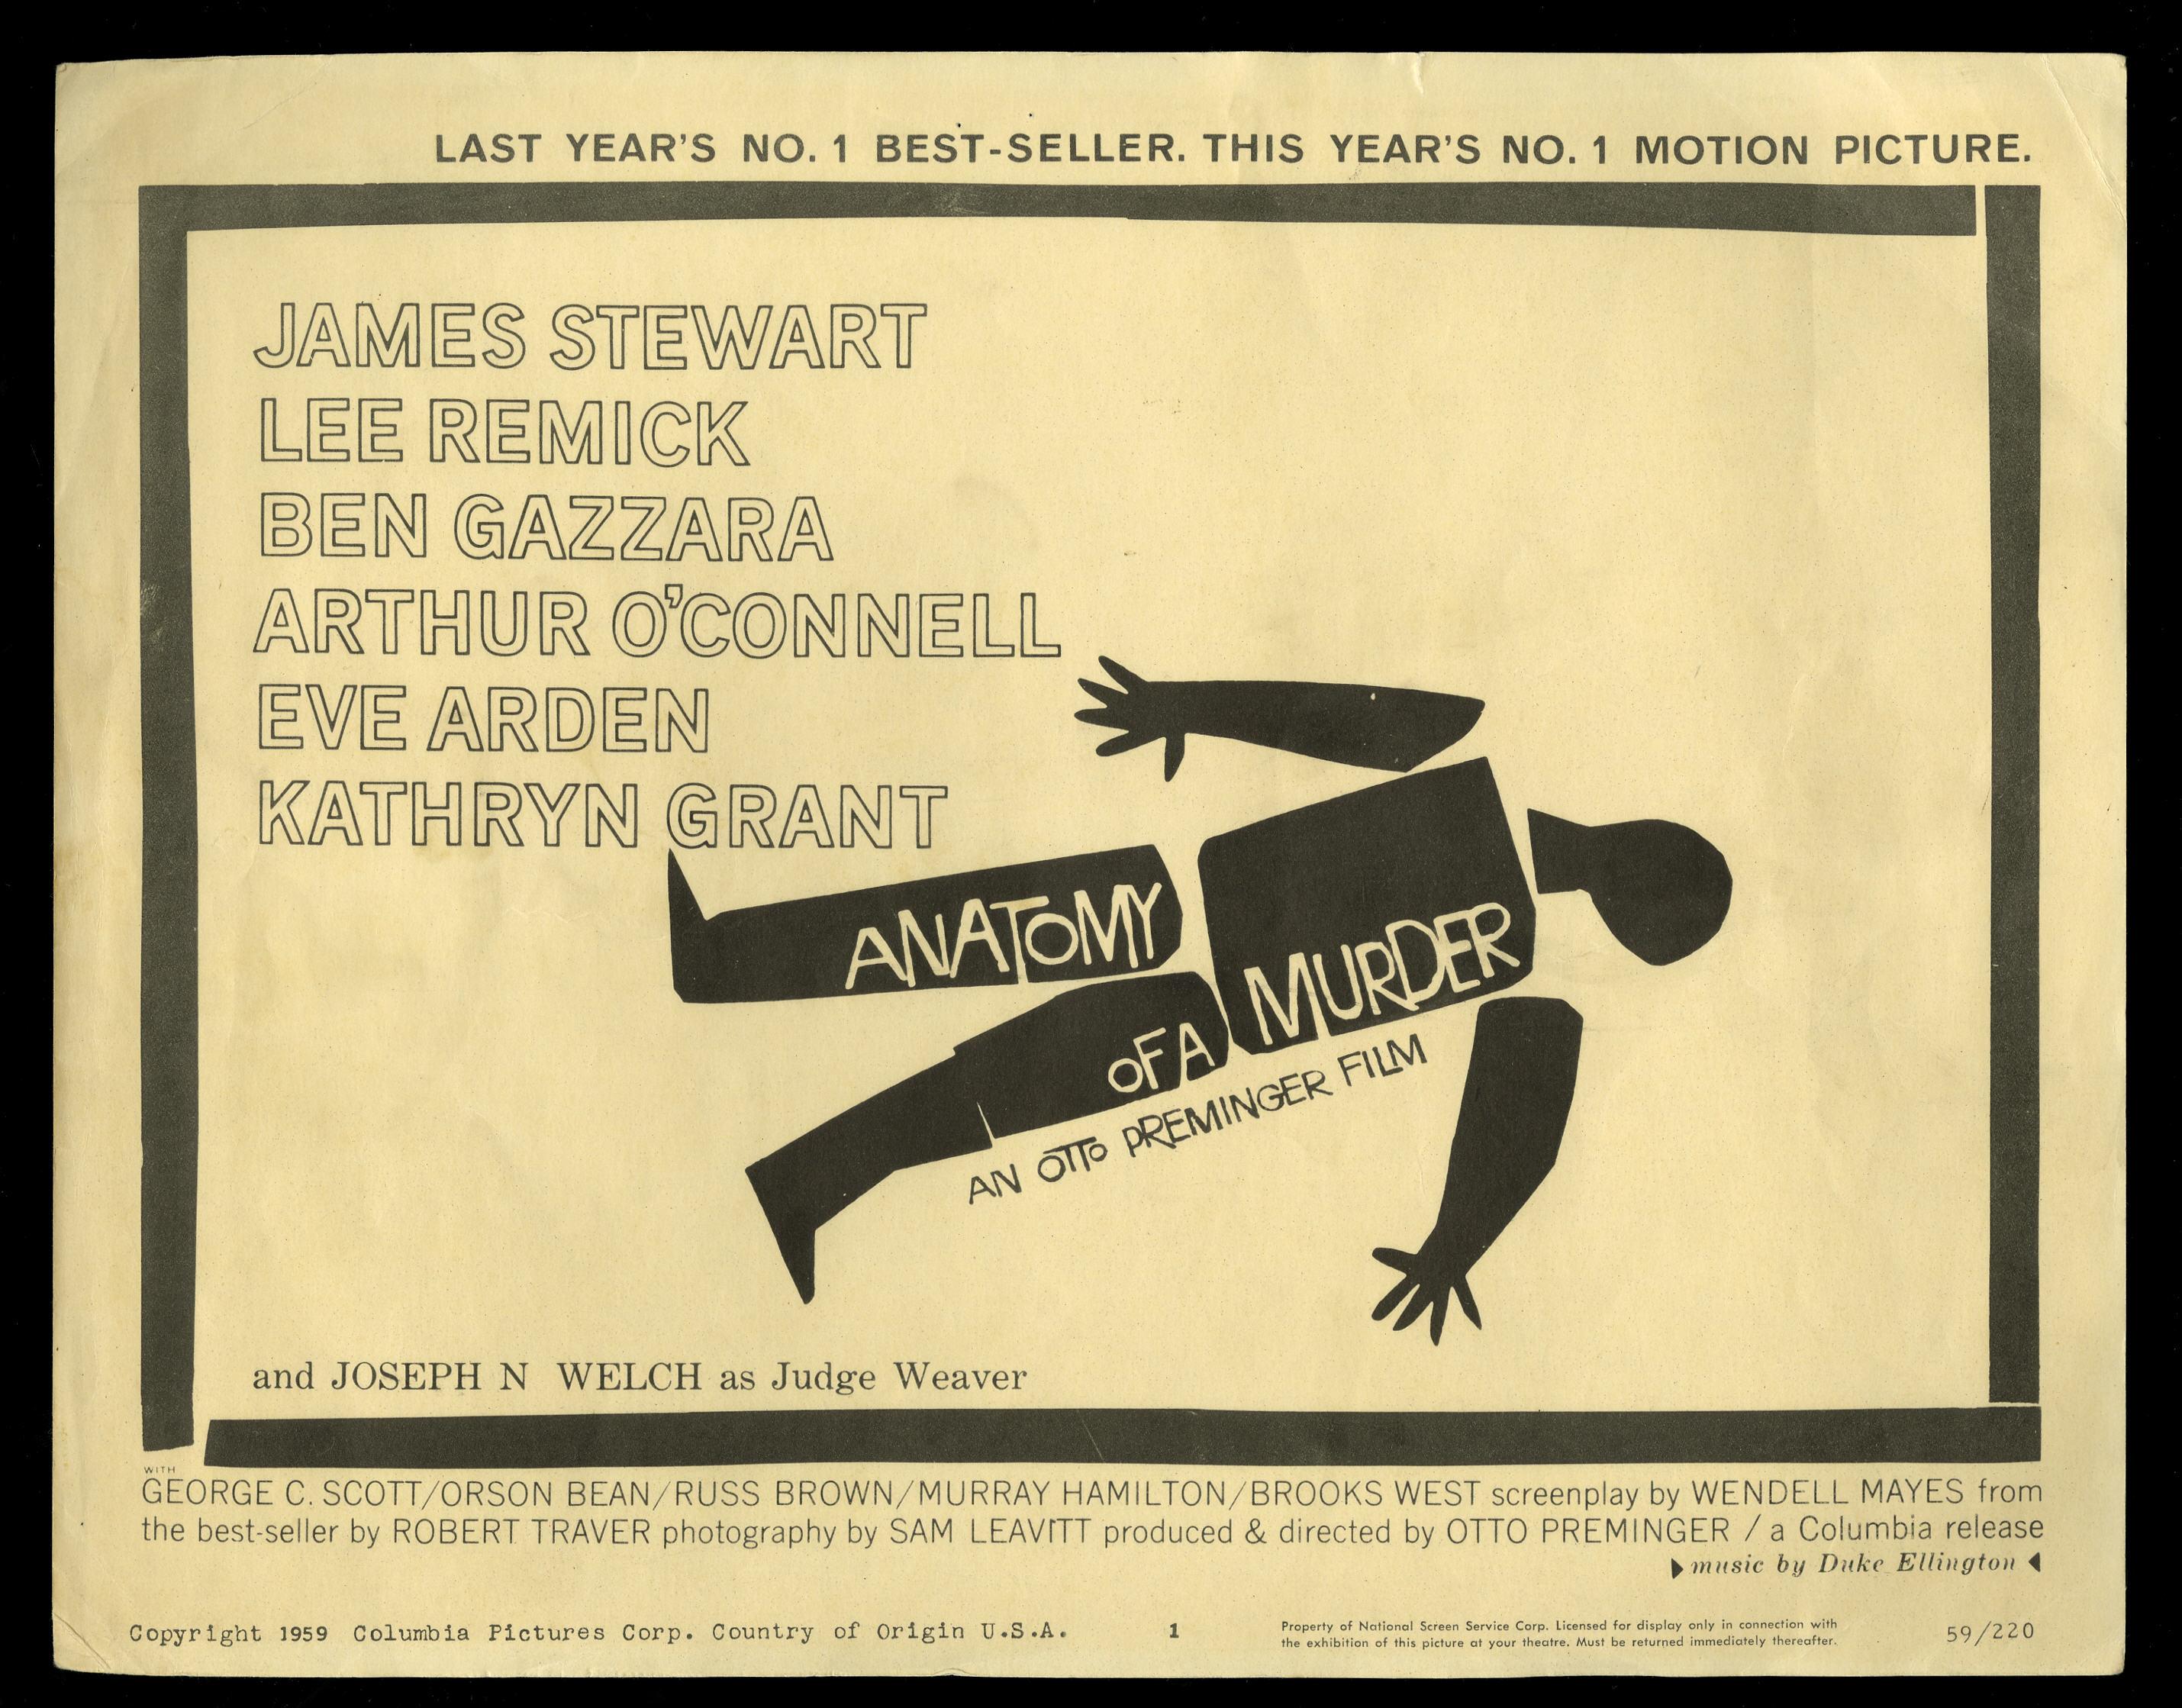 Una Pagina de Cine 1959 Anatomia de un asesinato (ing) 03.jpg